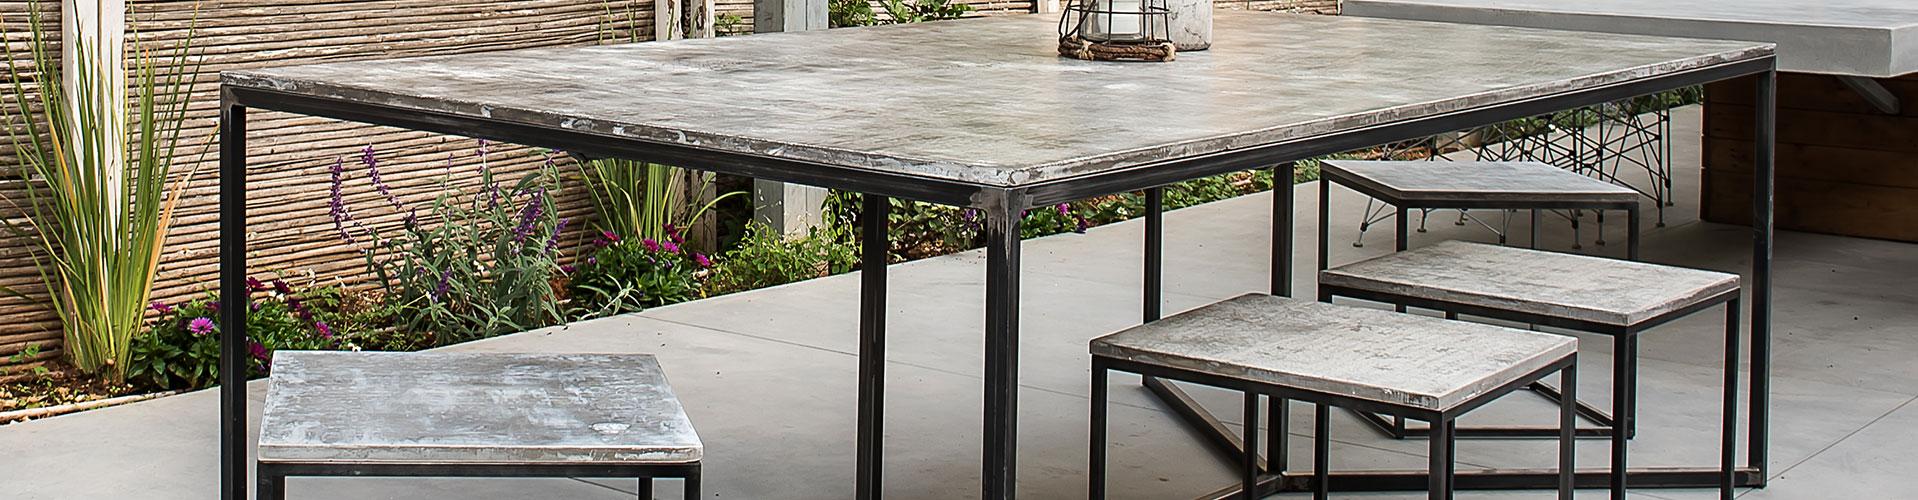 שולחן בטון מוחלק לגינה